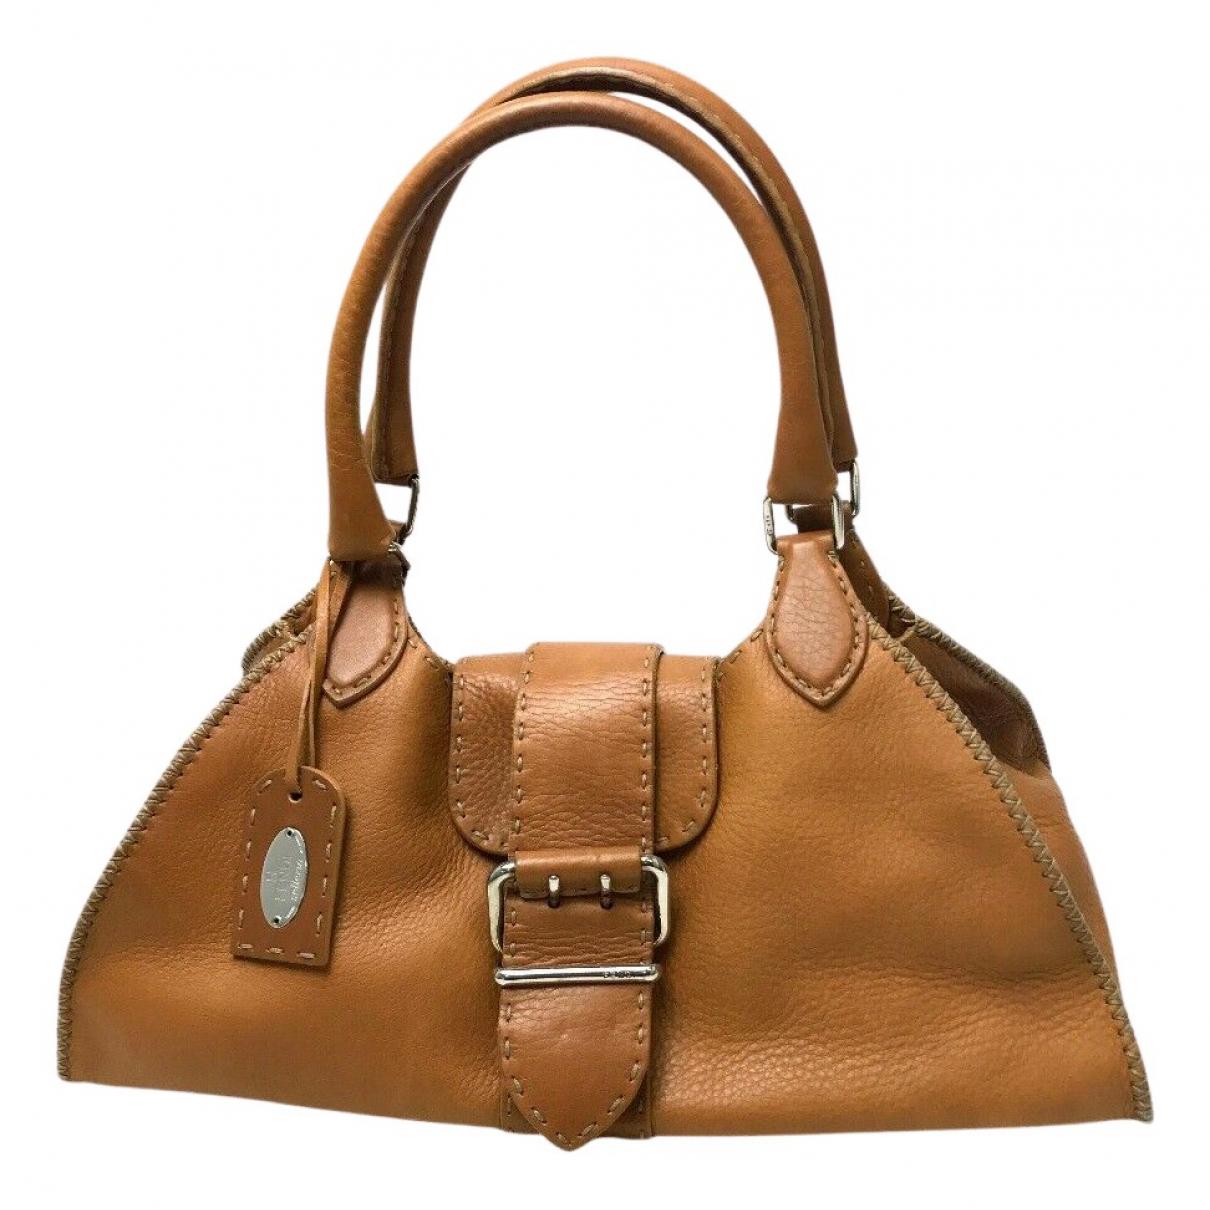 Fendi N Camel Leather handbag for Women N